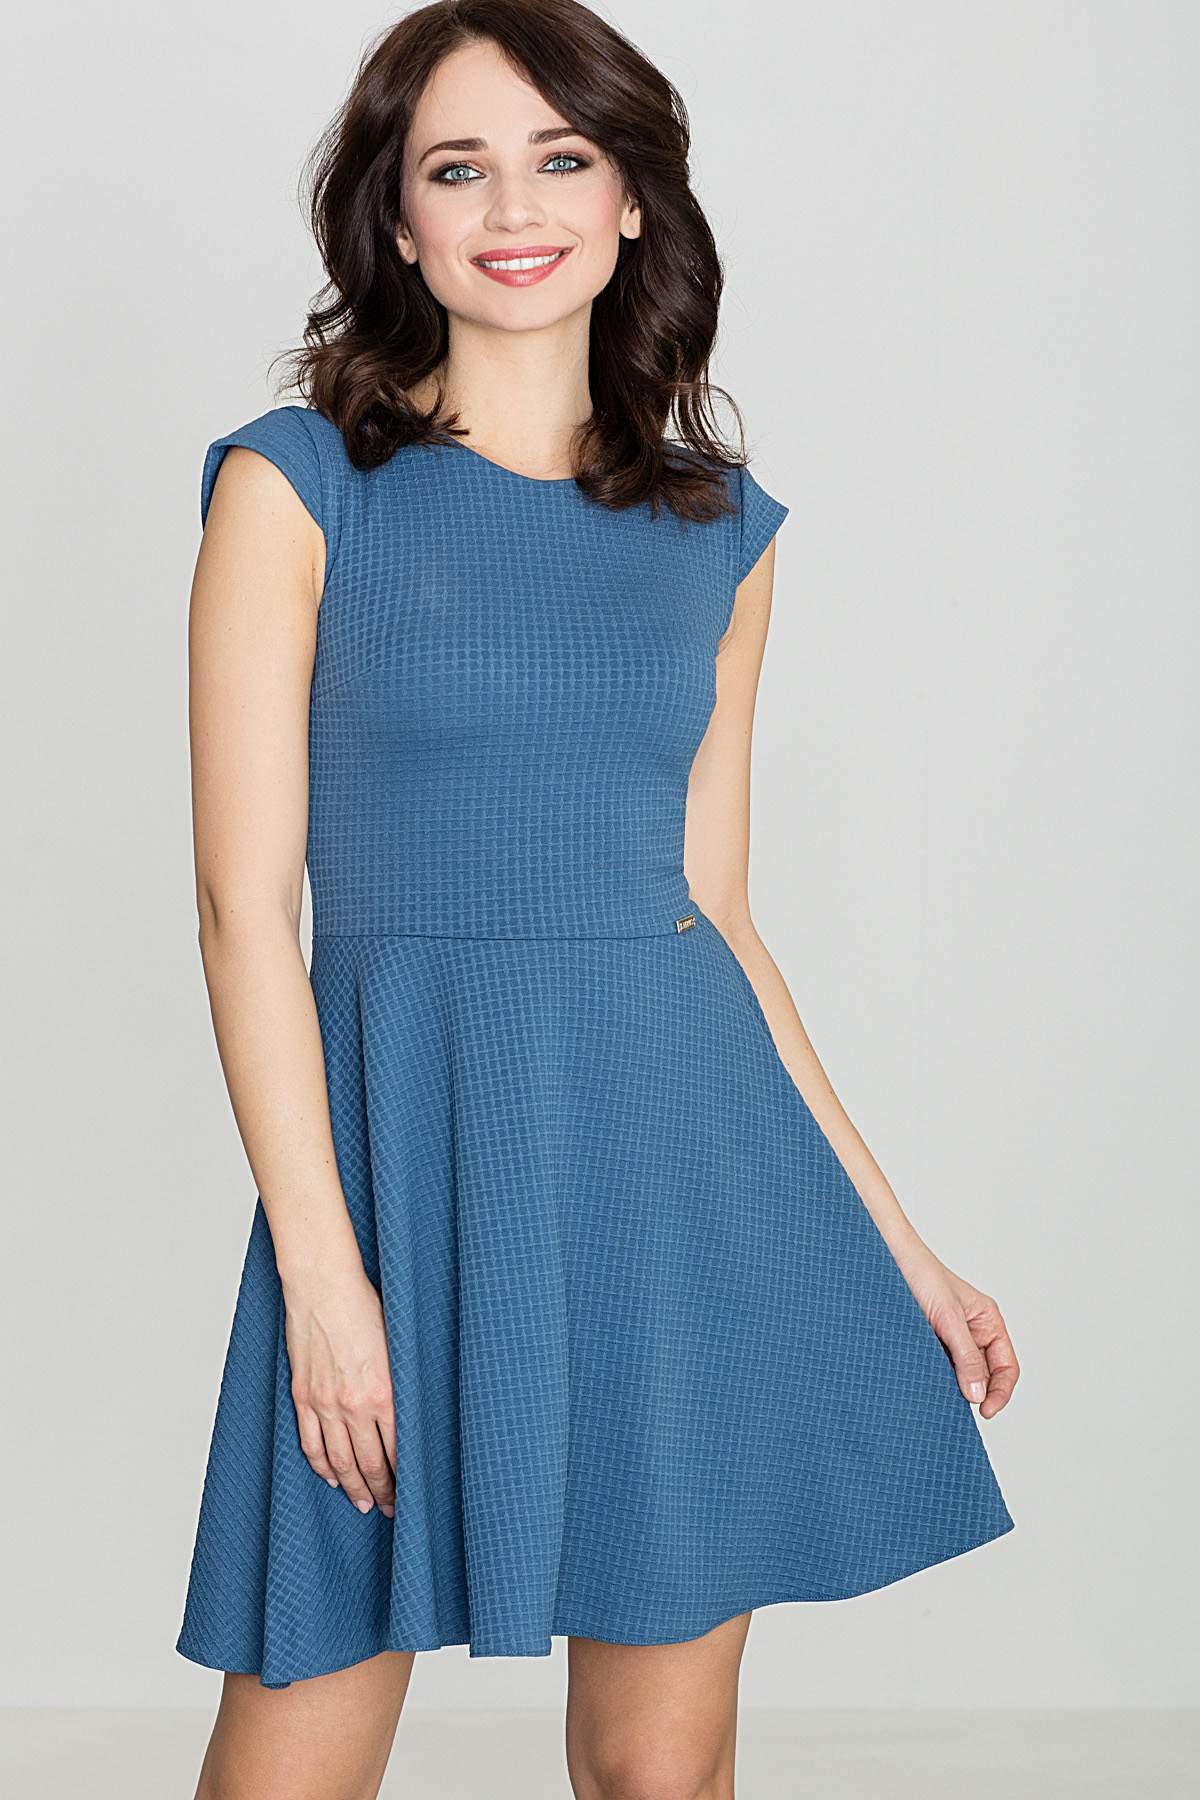 Γυναικεία   Ρούχα   Φορέματα   Καθημερινά   30739 SD Αέρινο στράπλες ... 9a8b96a263a